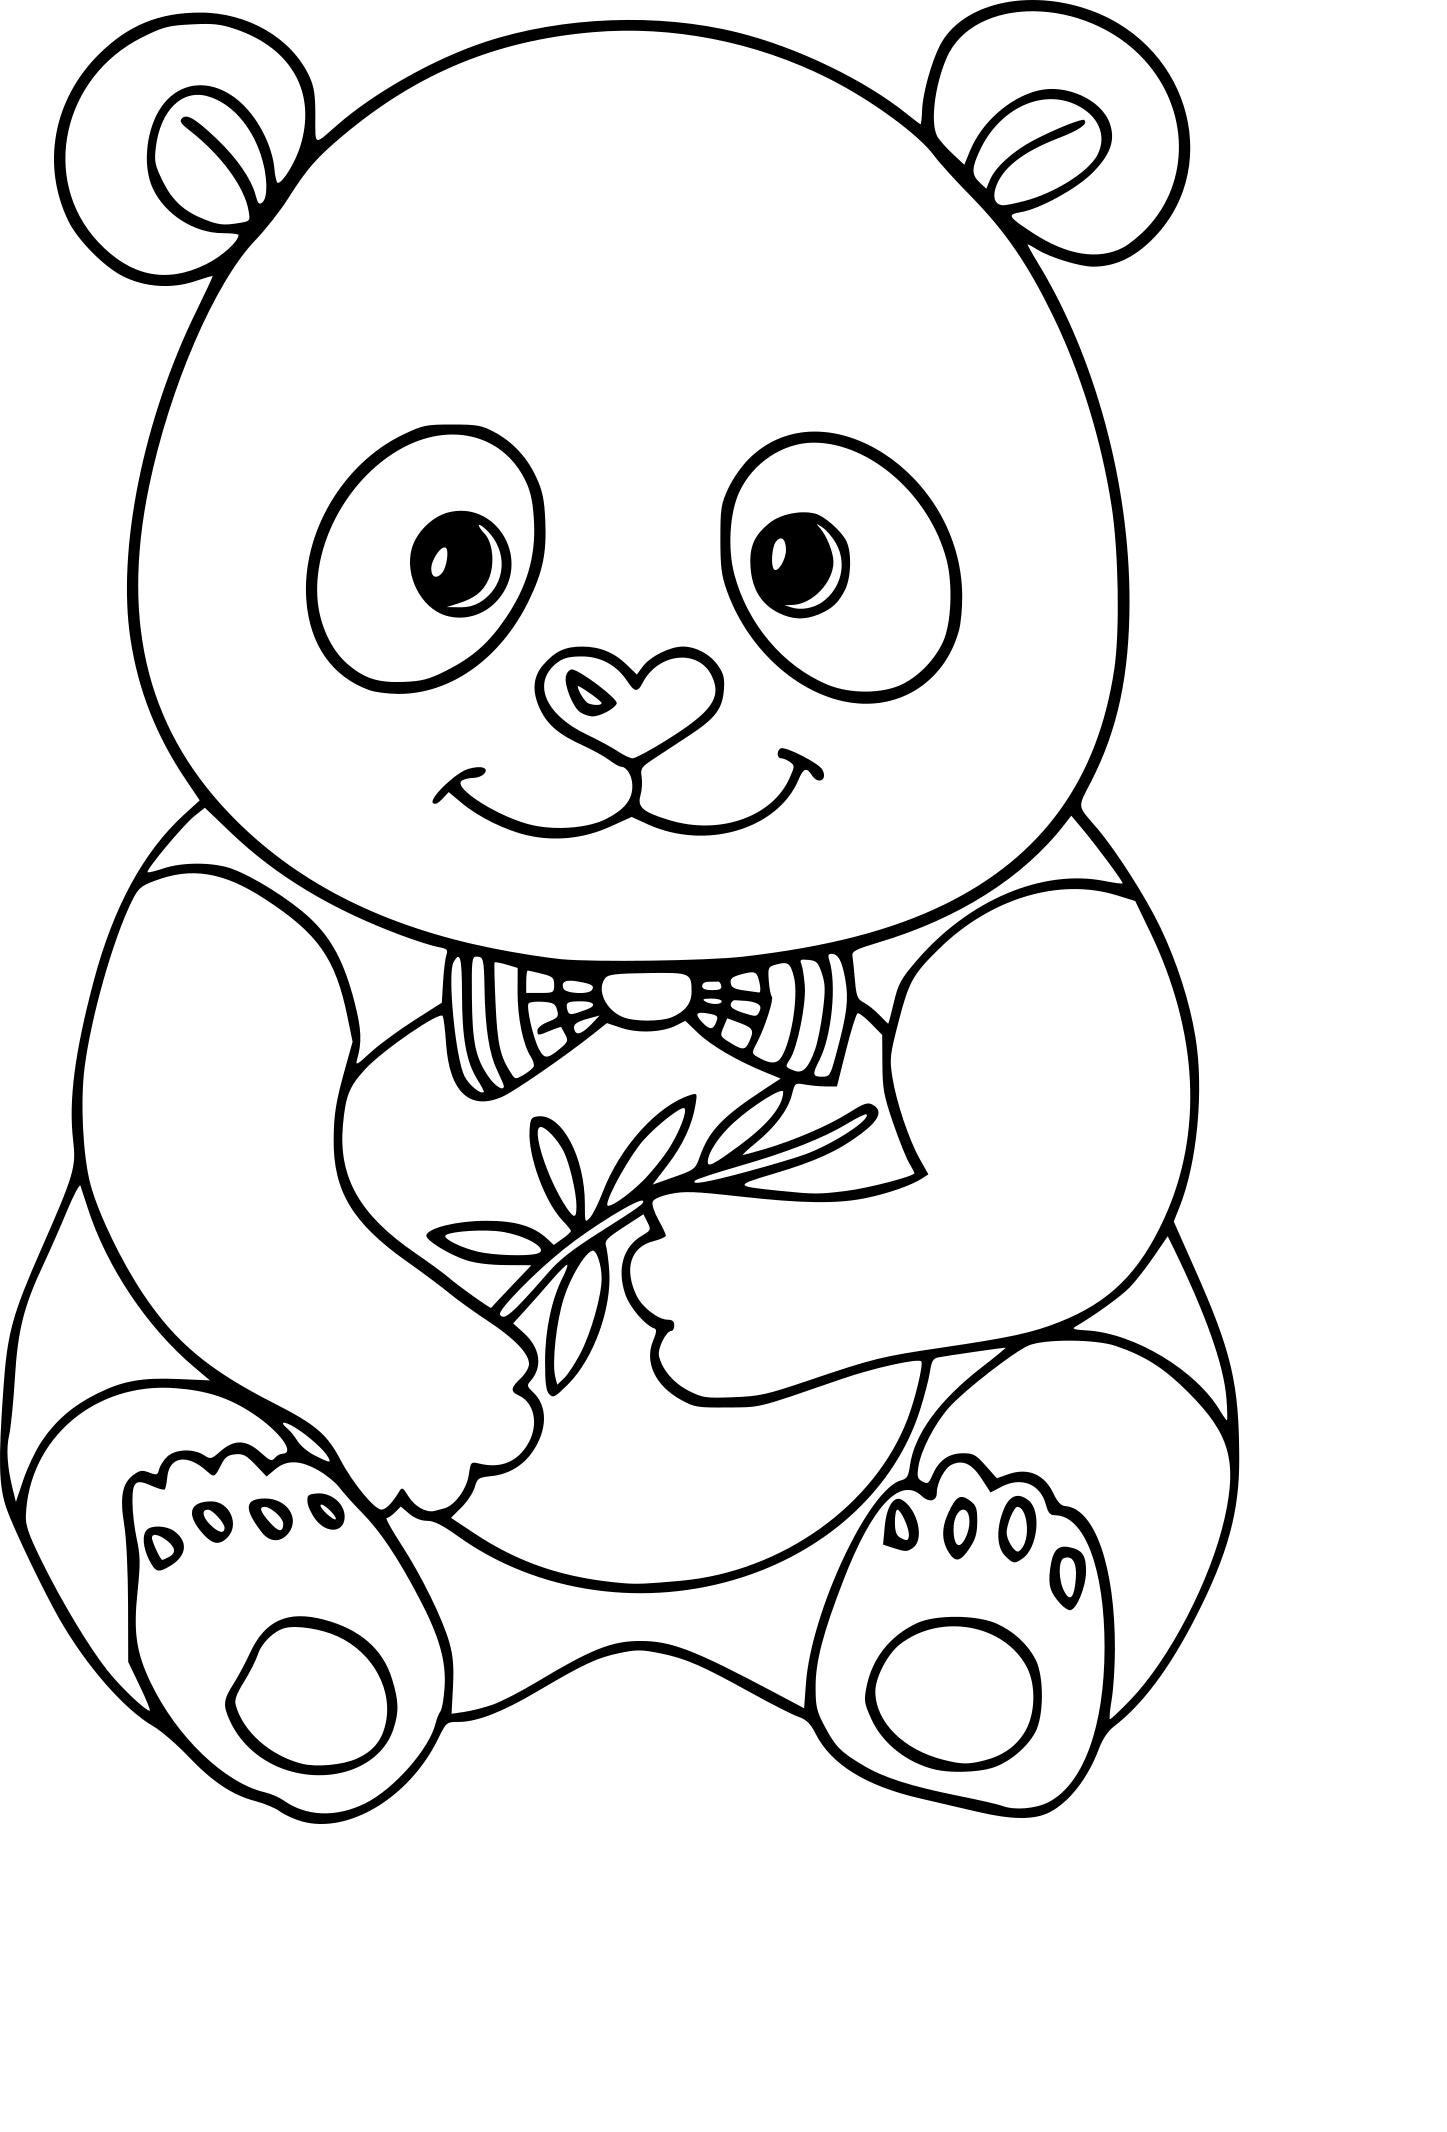 Coloriage panda imprimer - Dessins de panda ...